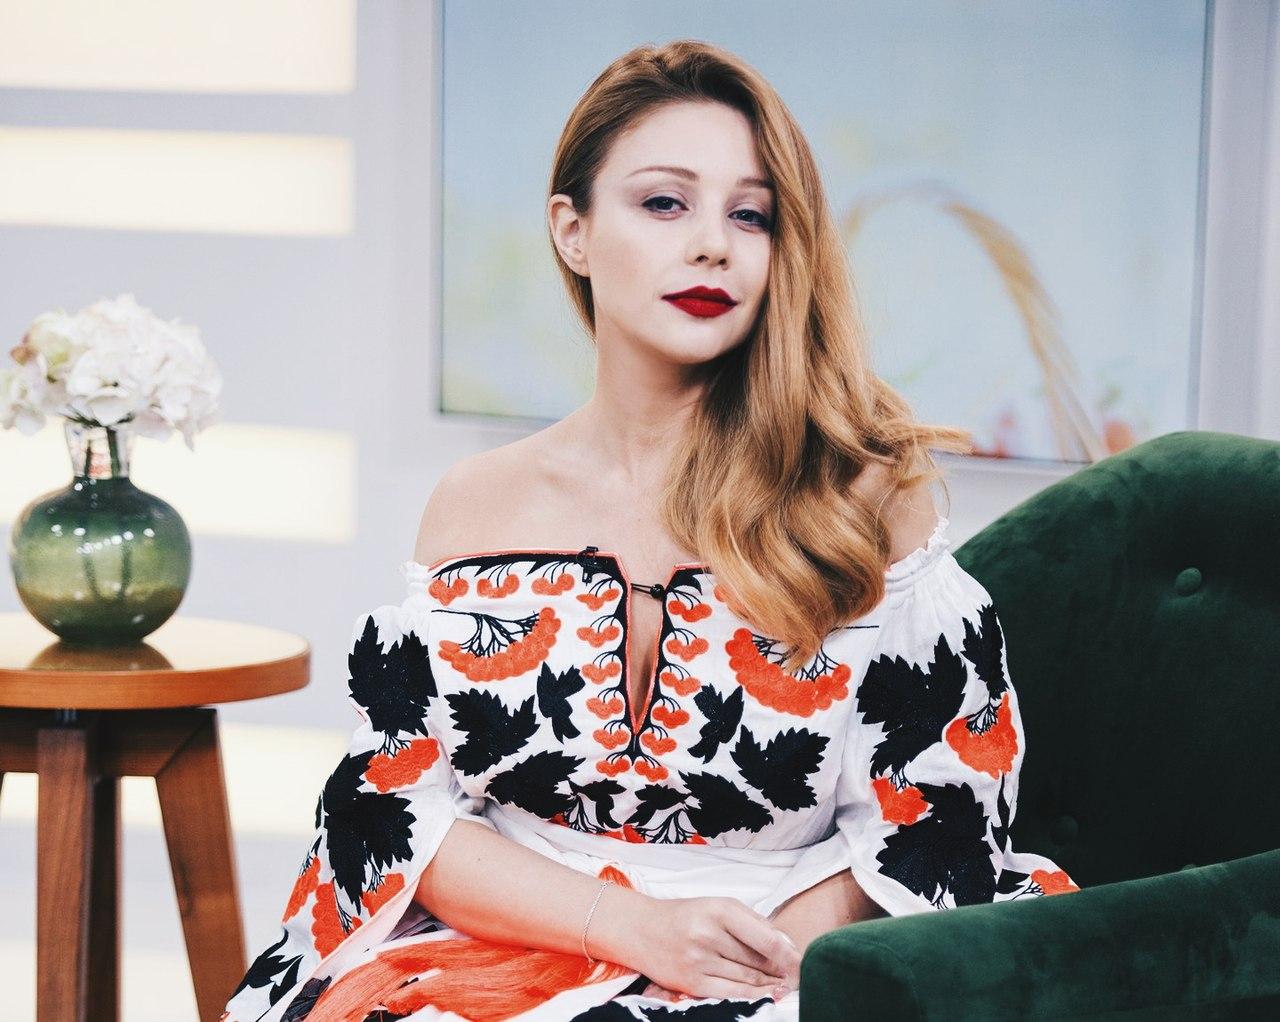 «Мне не довелось прогибаться»: Тина Кароль сделала громкое объявление о РФ